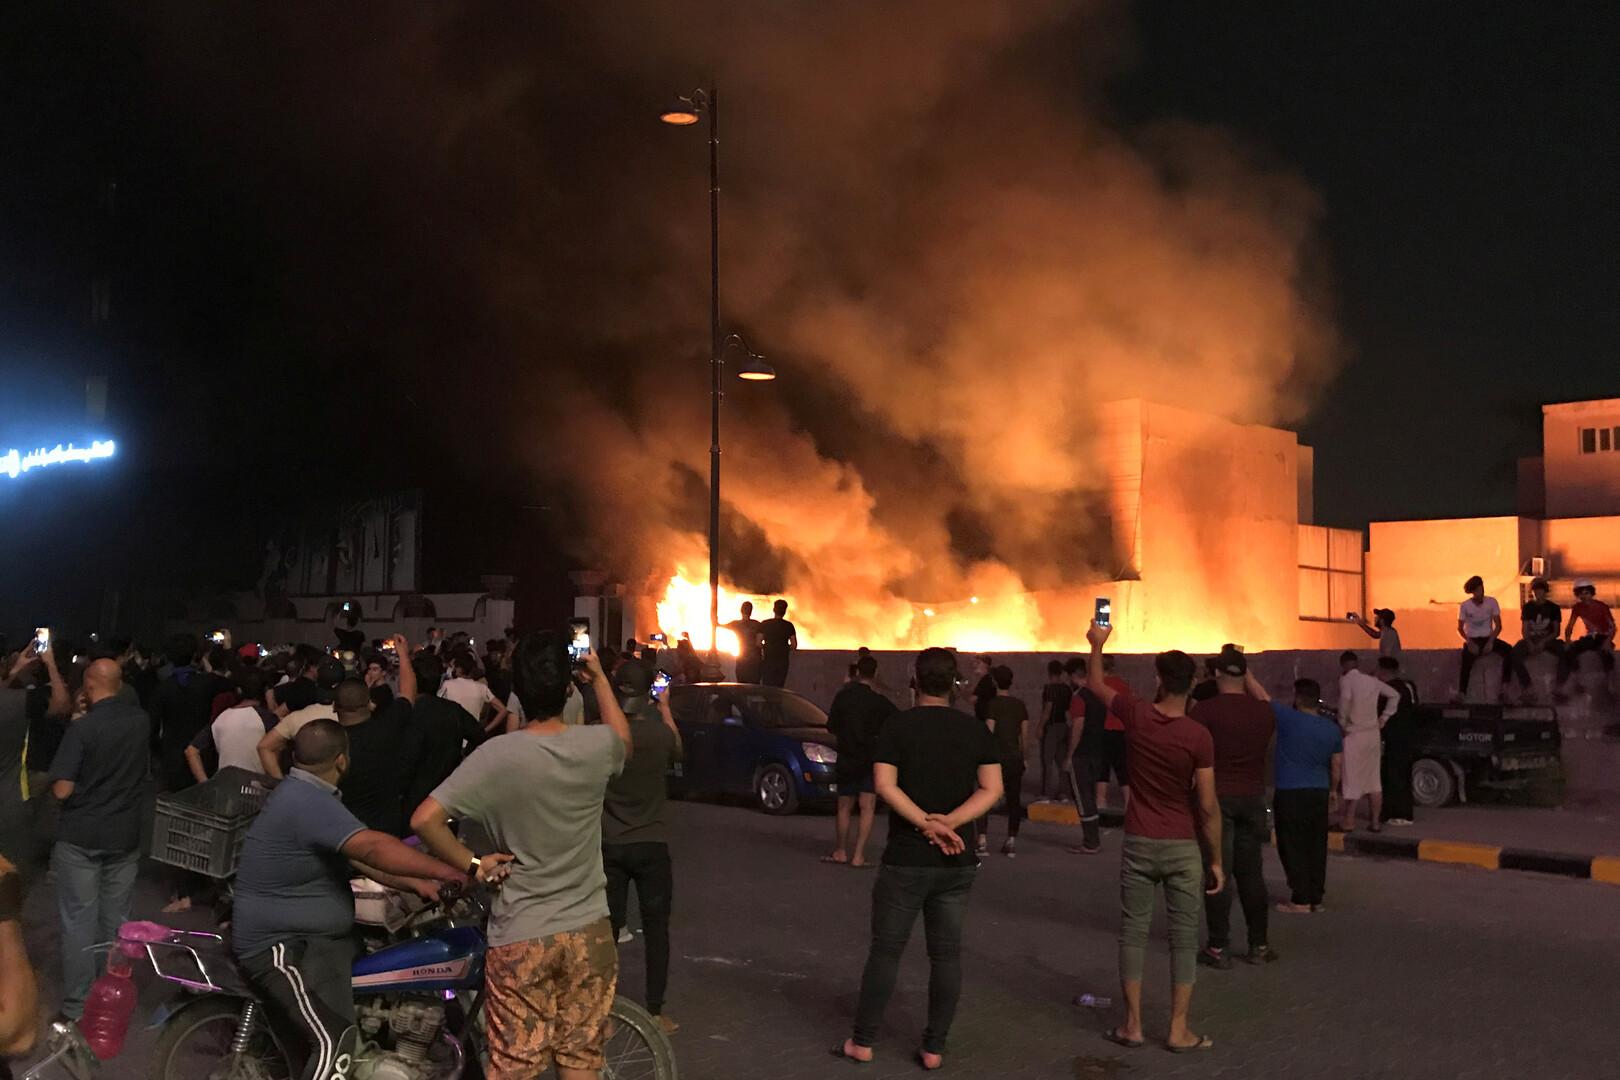 مقتل 11 عراقيا أثناء احتجاجات الليلة الماضية في مدينتين جنوبي البلاد